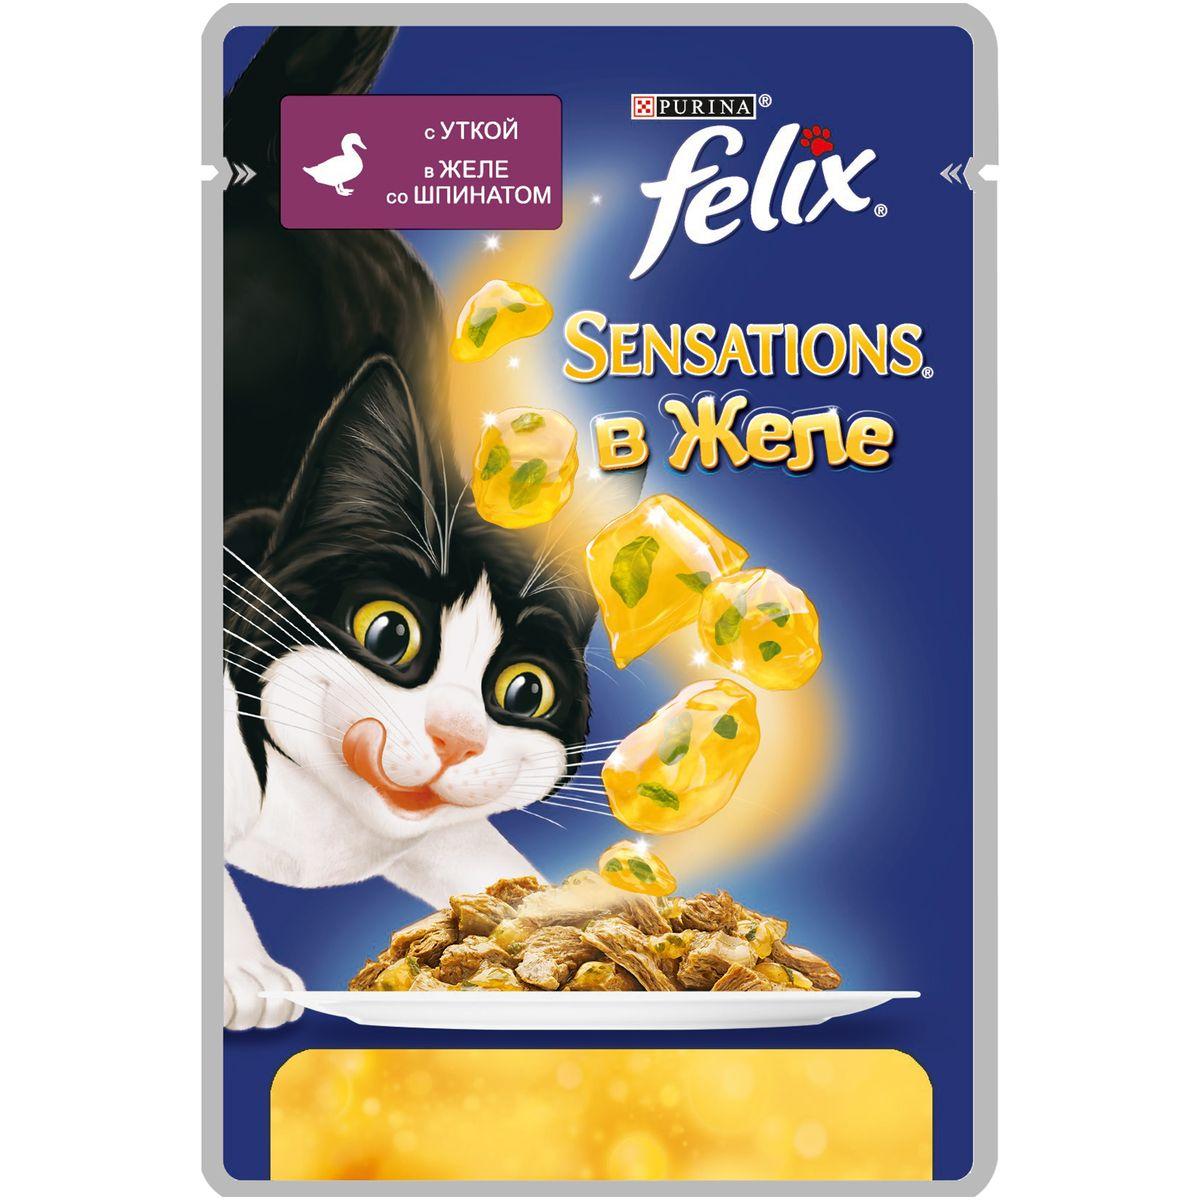 Консервы для кошек Felix Sensations, с уткой в желе со шпинатом, 85 г0120710Консервированный корм для кошек Felix с уткой в желе со шпинатом - полнорационный корм для взрослых кошек. Это нежные кусочки с мясом или рыбой, покрытые сочным желе с разными вкусами: томатов, моркови, шпината и других. Ароматные желе делают вкус корма особенно аппетитным и привлекательным для вашего питомца. Ваш кот будет есть такую вкуснятину хоть каждый день - на завтрак, обед и ужин. Рекомендации по кормлению: Для взрослой кошки среднего веса (4 кг) требуется примерно 3 пакетика в день. Кормление желательно разделить на два приема. Для беременных или кормящих кошек кормление без ограничений. Подавать корм при комнатной температуре. Следите, чтобы у вашей кошки всегда была чистая, свежая питьевая вода.Вес: 85 г. Состав: мясо и продукты переработки мяса (19%, из которых утка 4%), экстракт растительного белка, рыба и рыбные субпродукты, овощи (шпинат 4% в желе), минеральные вещества, сахара, витамины.Добавленные вещества: МЕ/кг: витамин A: 720, витамин D3: 110, витамин Е: 15;мг/кг: железо: 8, йод: 0,2, медь: 0,7, марганец: 1,6, цинк: 15. Гарантируемые показатели: белок: 13,0%, жир: 3,0%, сырая зола: 2,2%, сырая клетчатка: 0,5%, линолевая кислота: (Омега 6 жирные кислоты):0,2%, таурин: 0,045%.Товар сертифицирован.